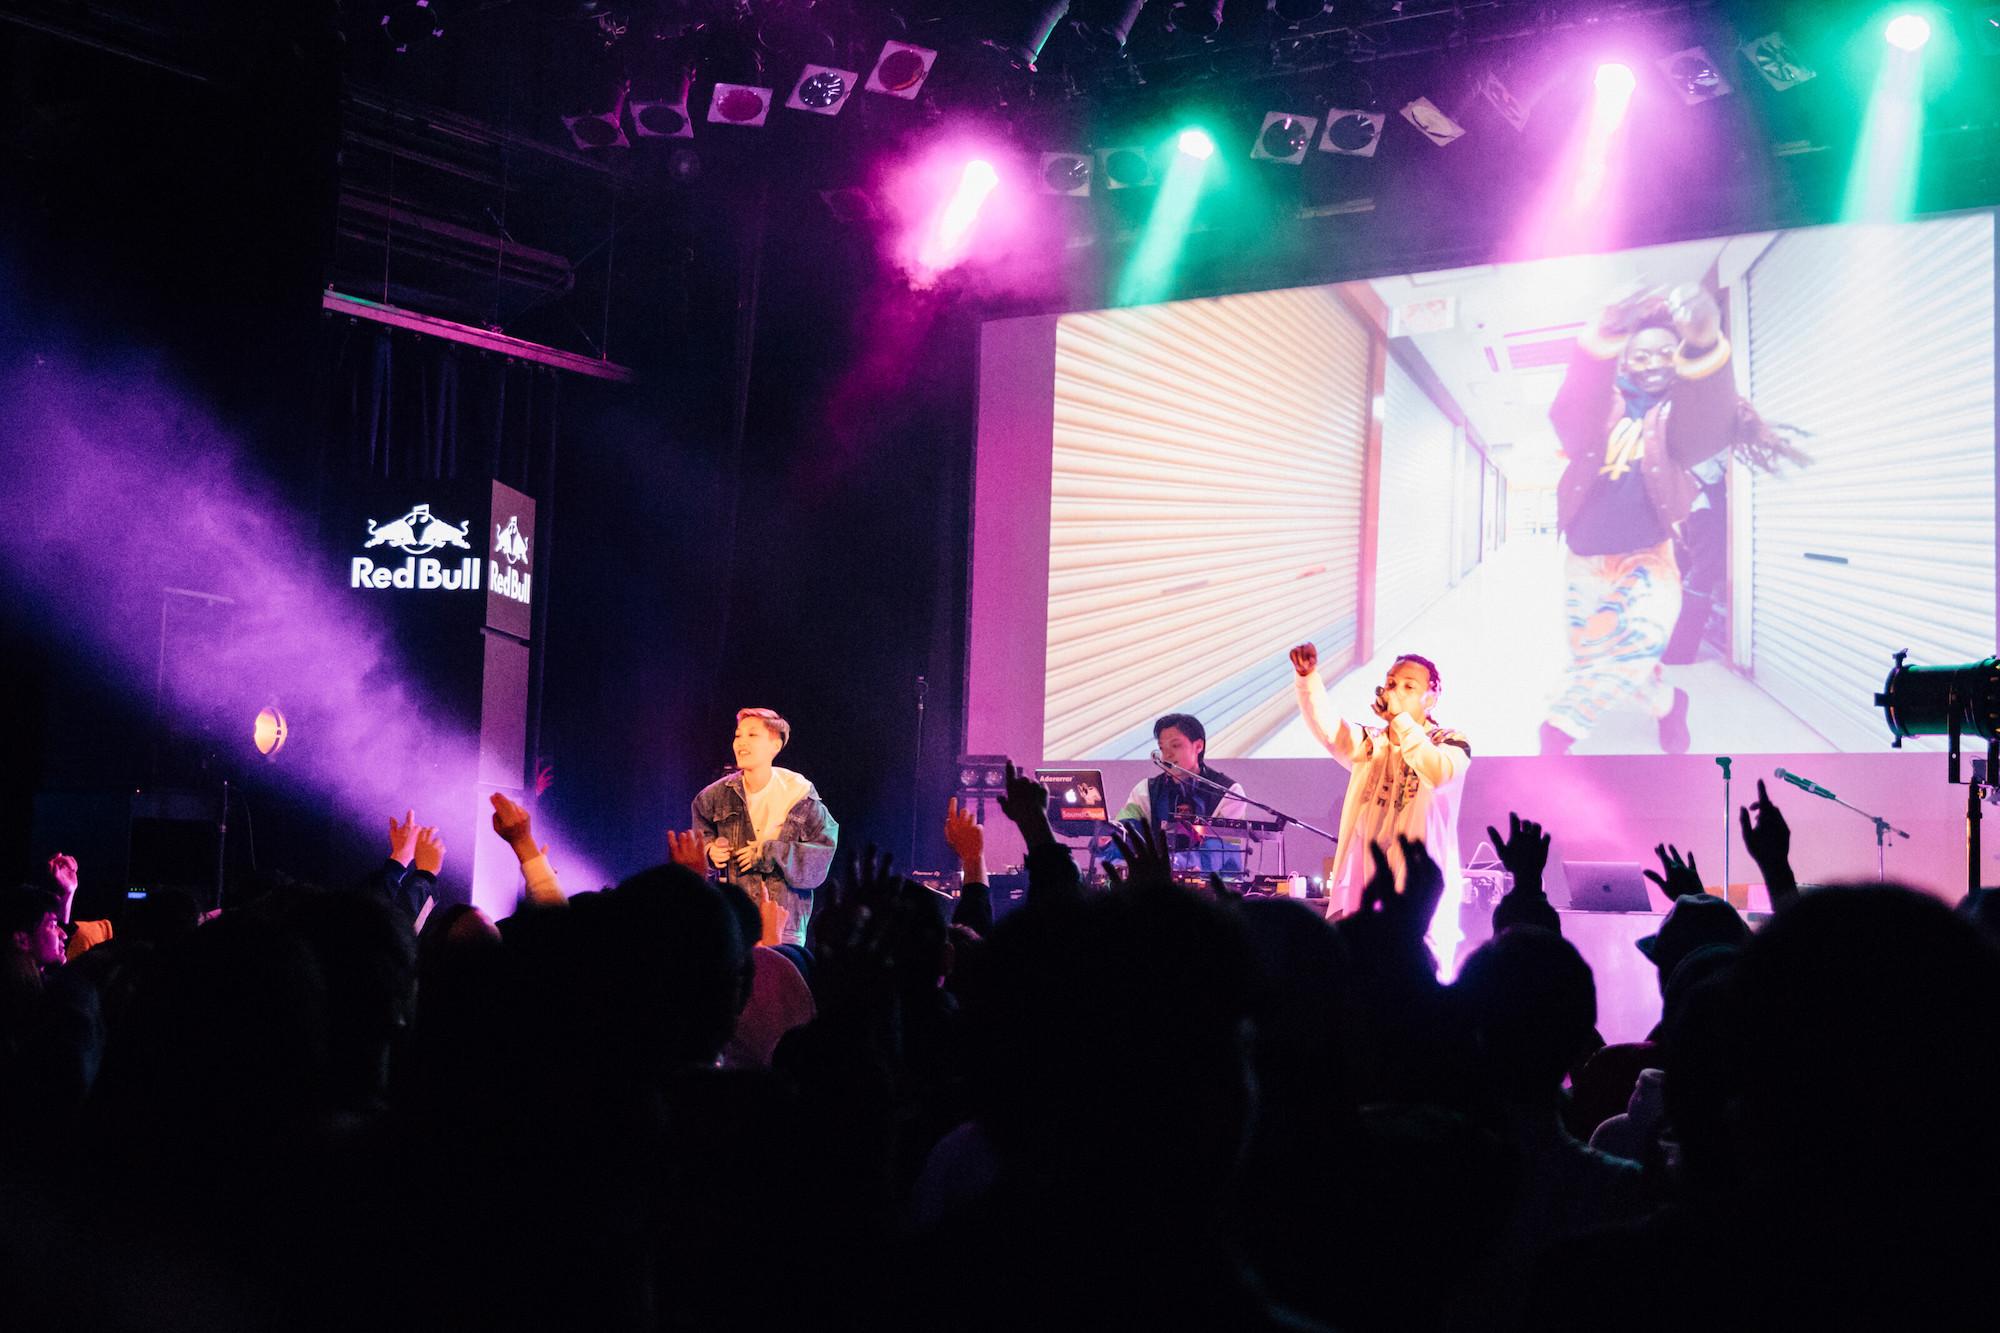 【レポート】RED BULL MUSIC FESTIVAL TOKYO AND 88RISING PRESENT:JAPAN RISING music190412-red-bull-music-festival-tokyo-2019-japan-rising-1